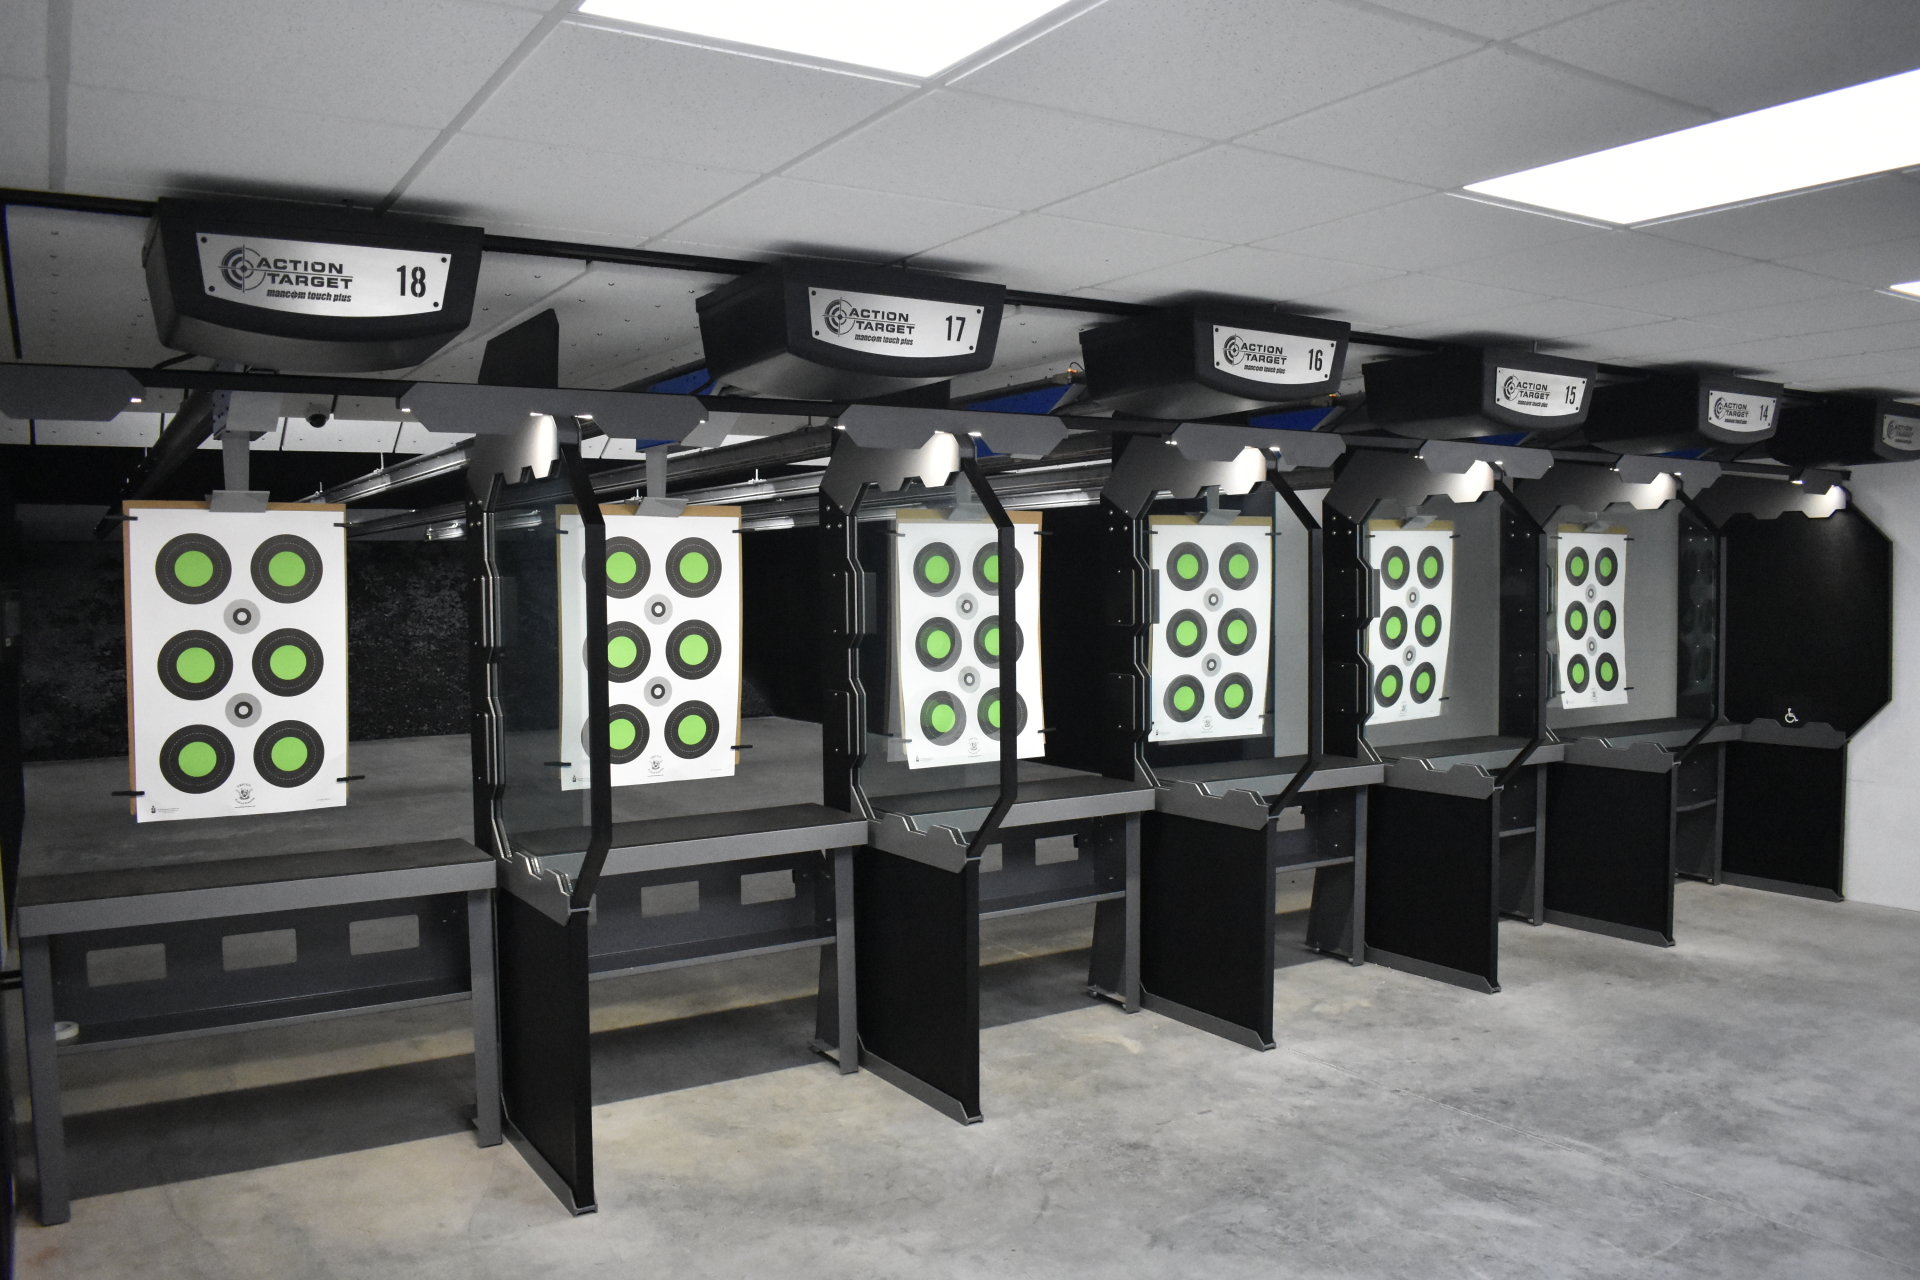 Shooting Range in Warminster, PA